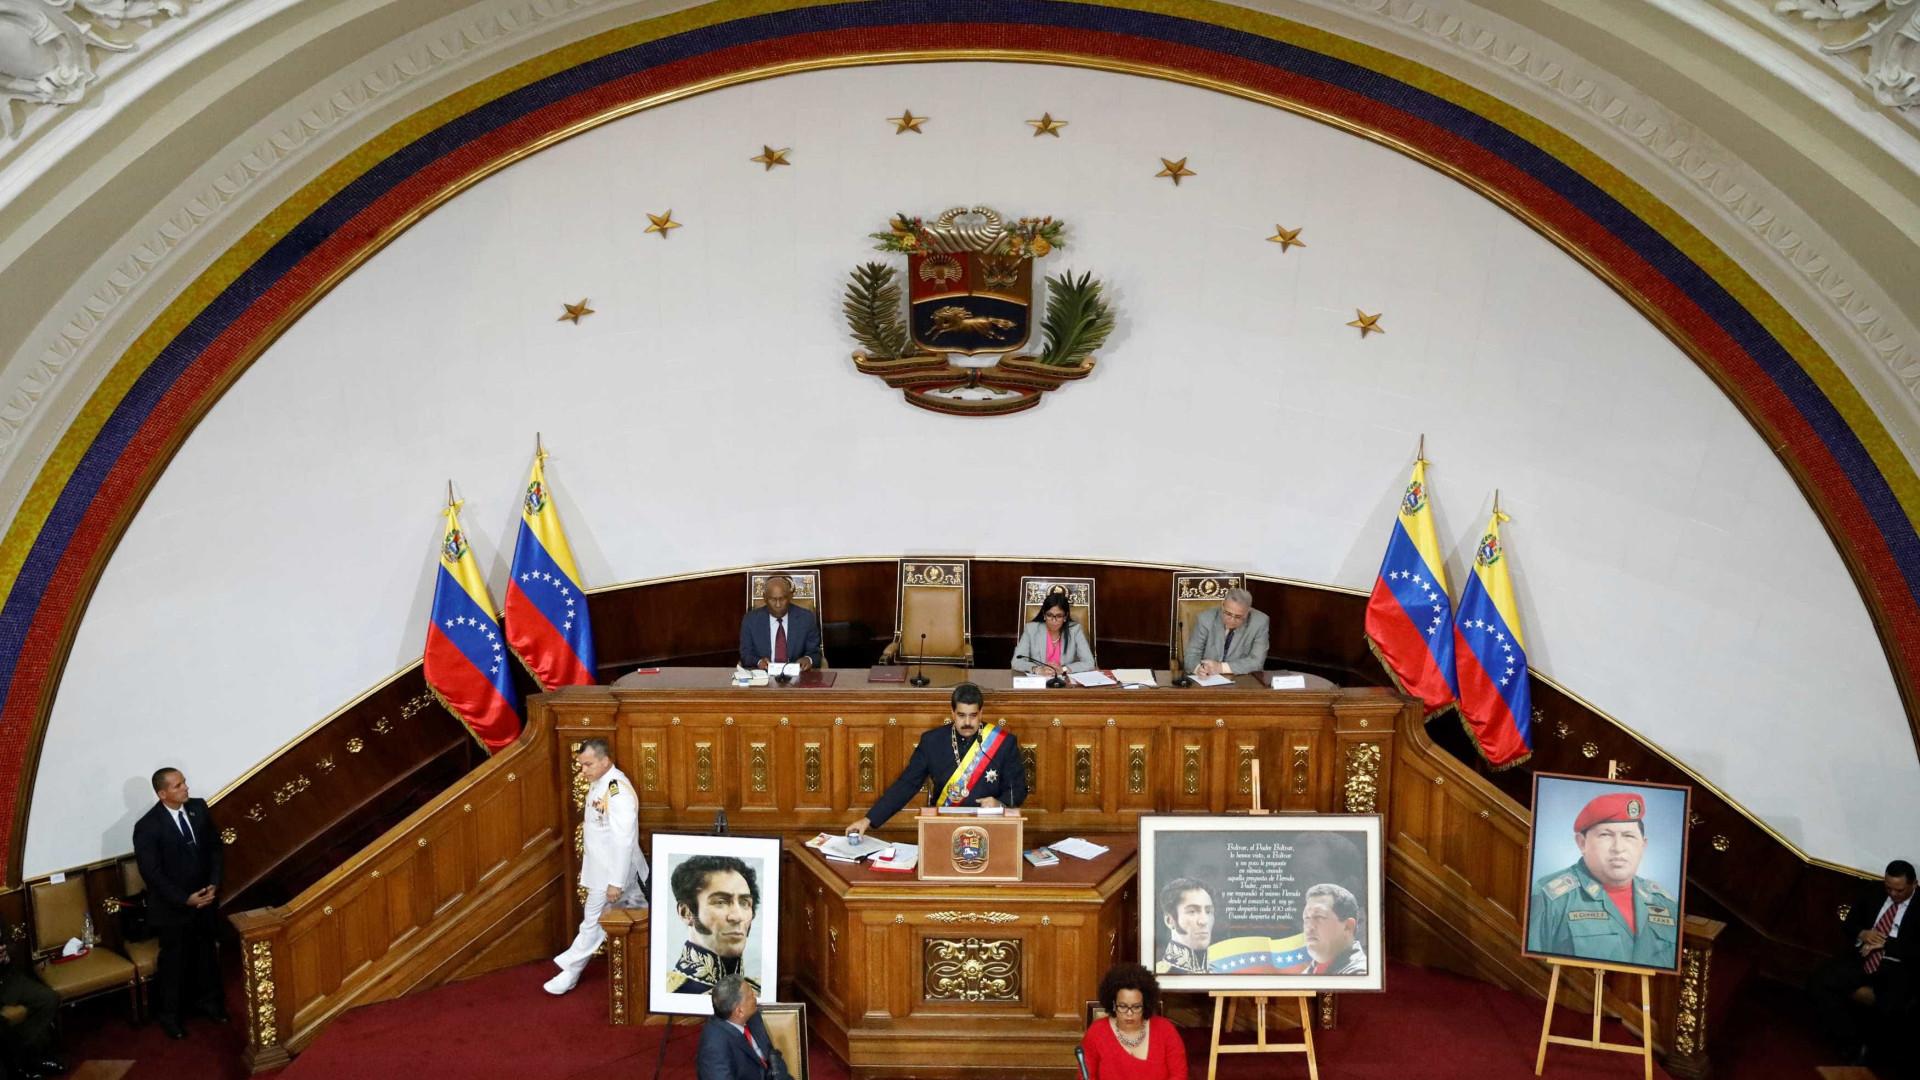 Constituinte chavista antecipa eleições regionais na Venezuela